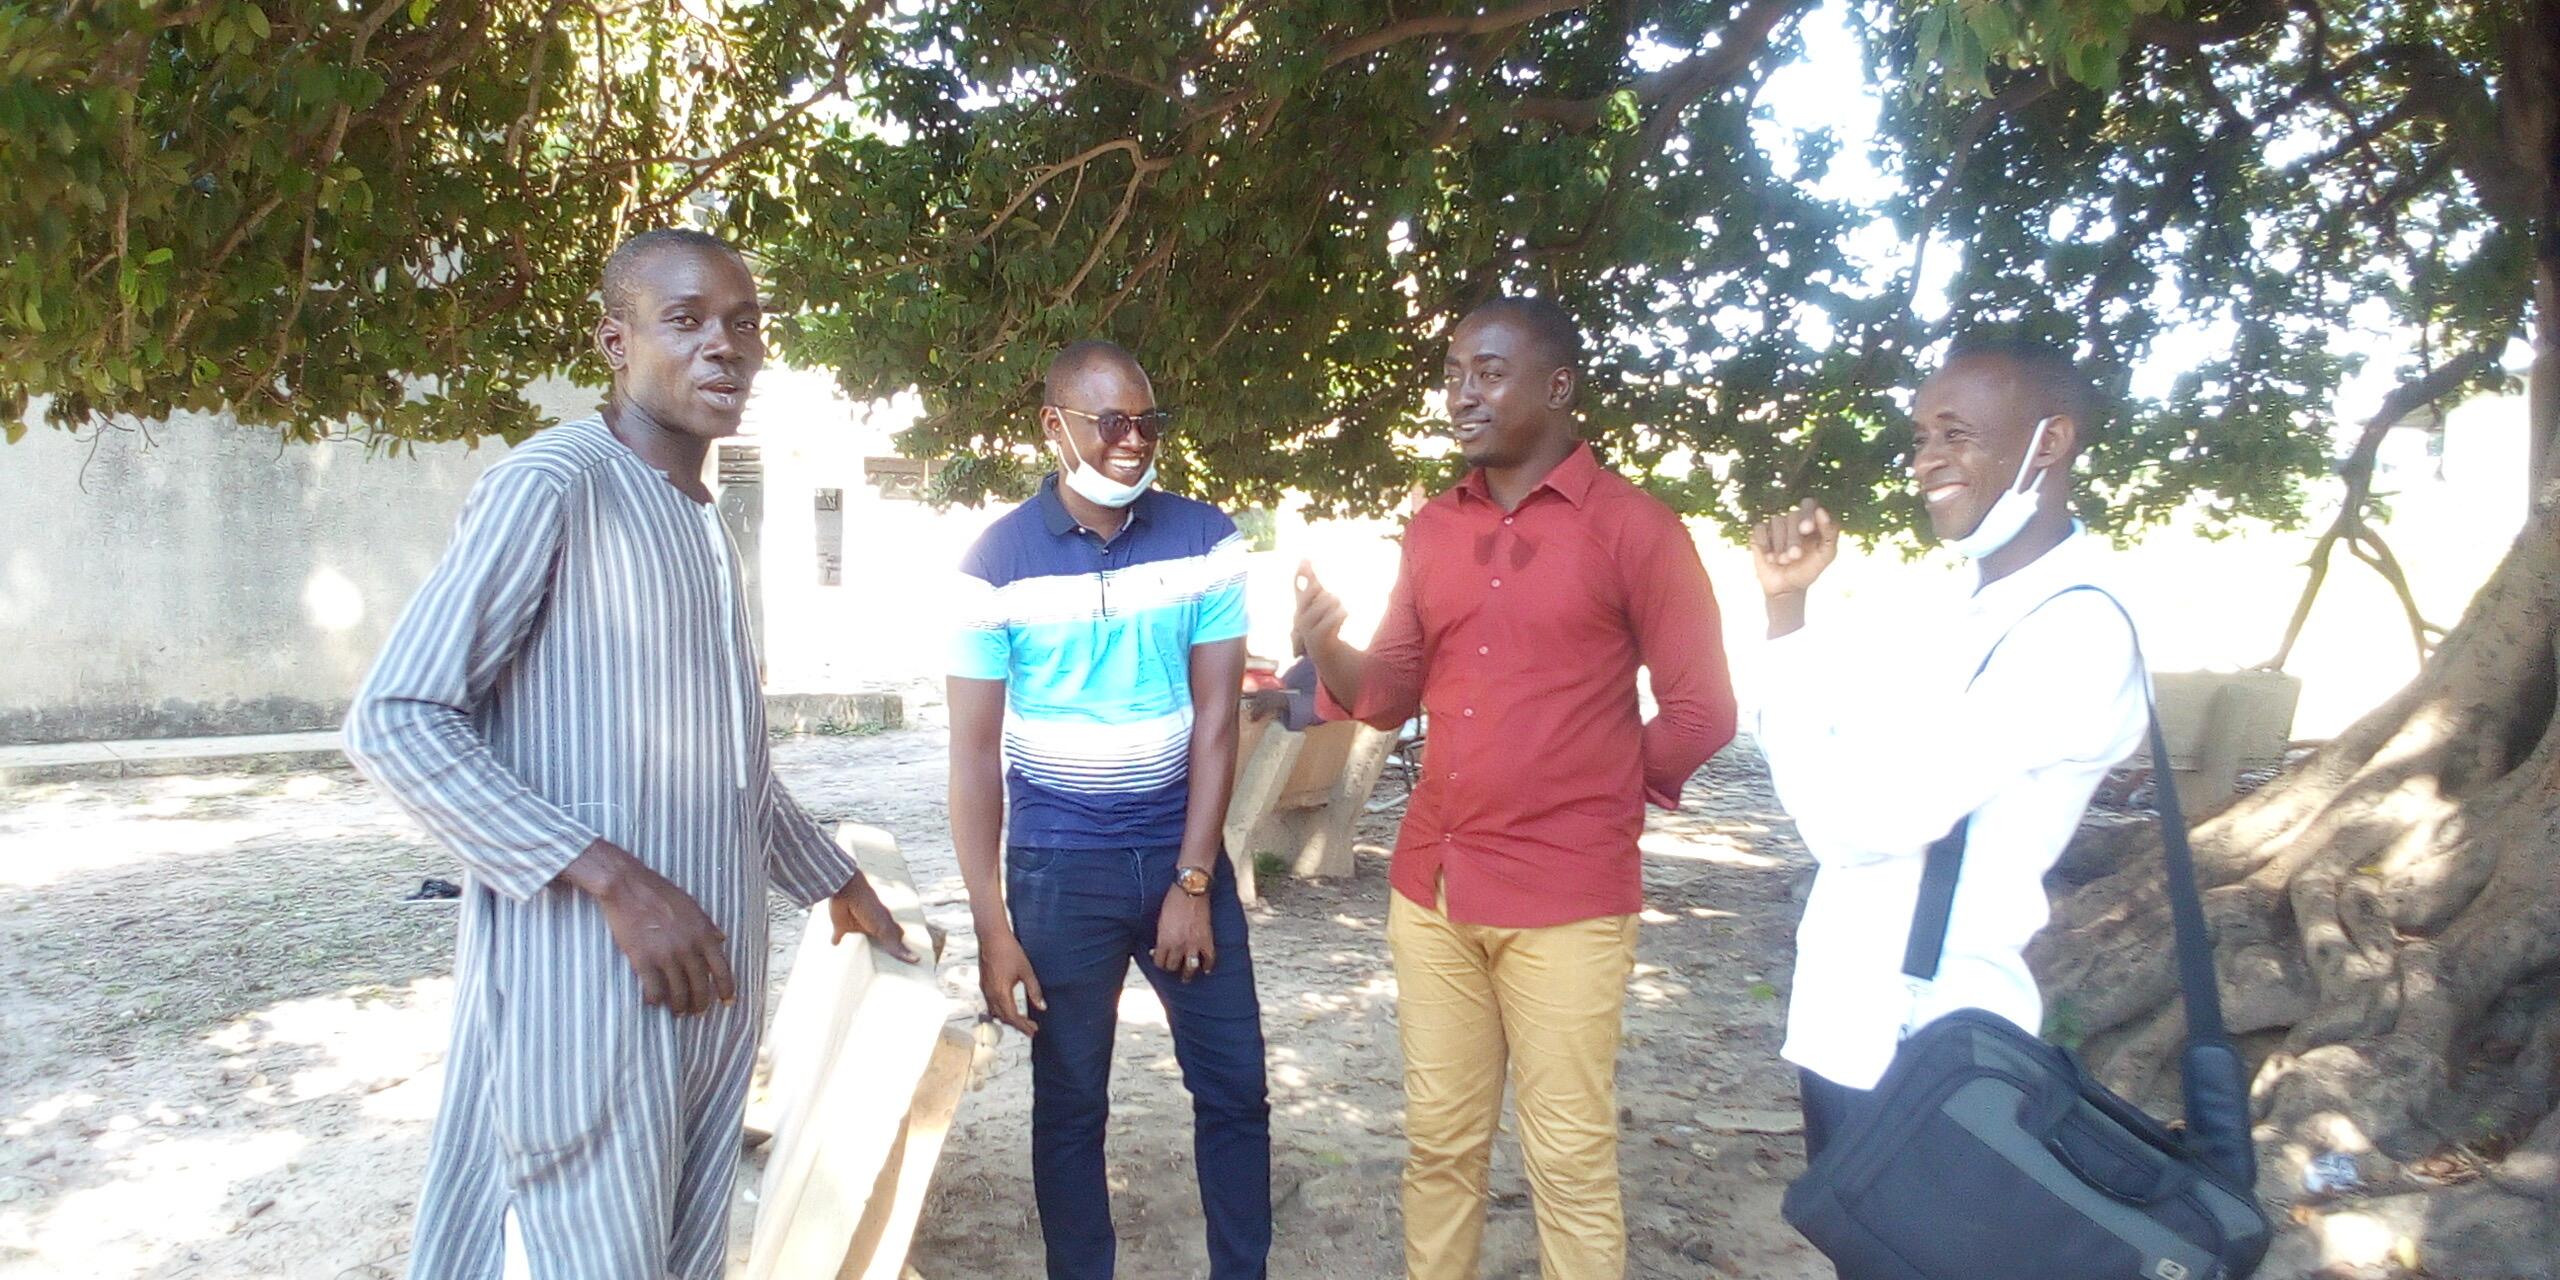 Rentrée scolaire à Kolda : présence du personnel enseignant, démarrage timide des cours…